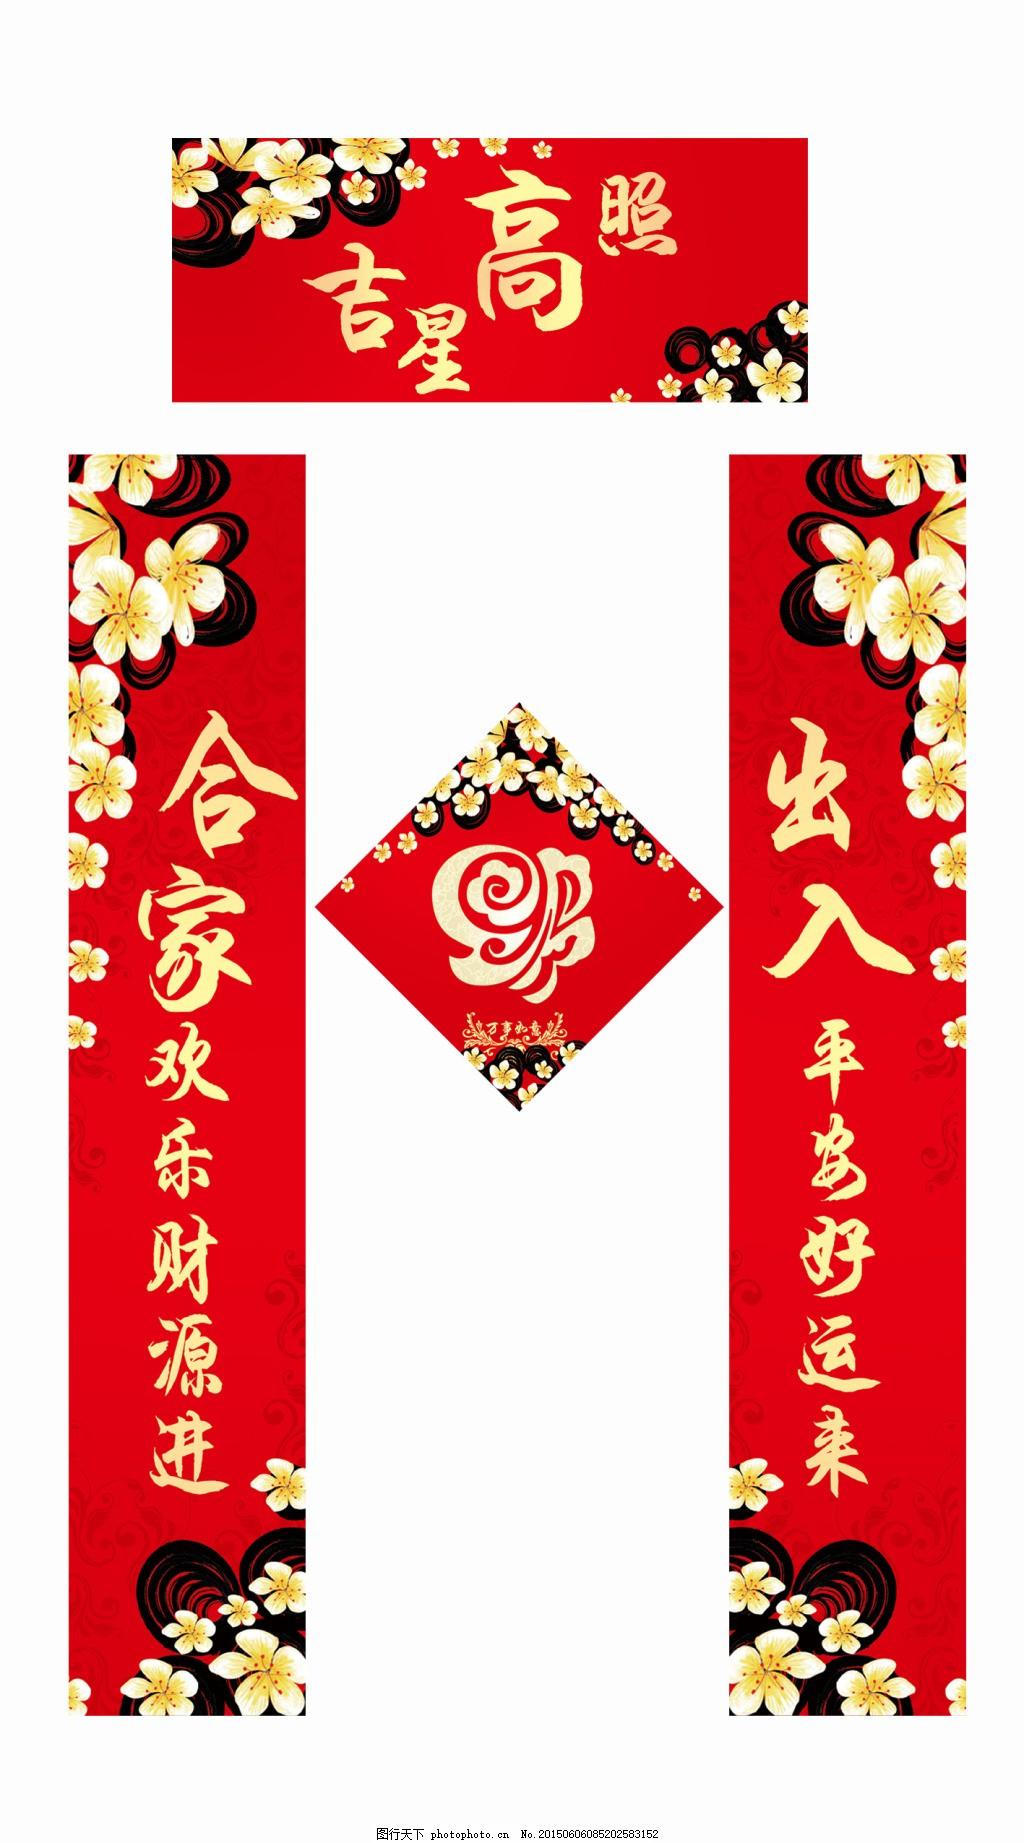 新年对联矢量文件 对联 新年喜庆对联 福字 吉星高照对联 合家欢乐